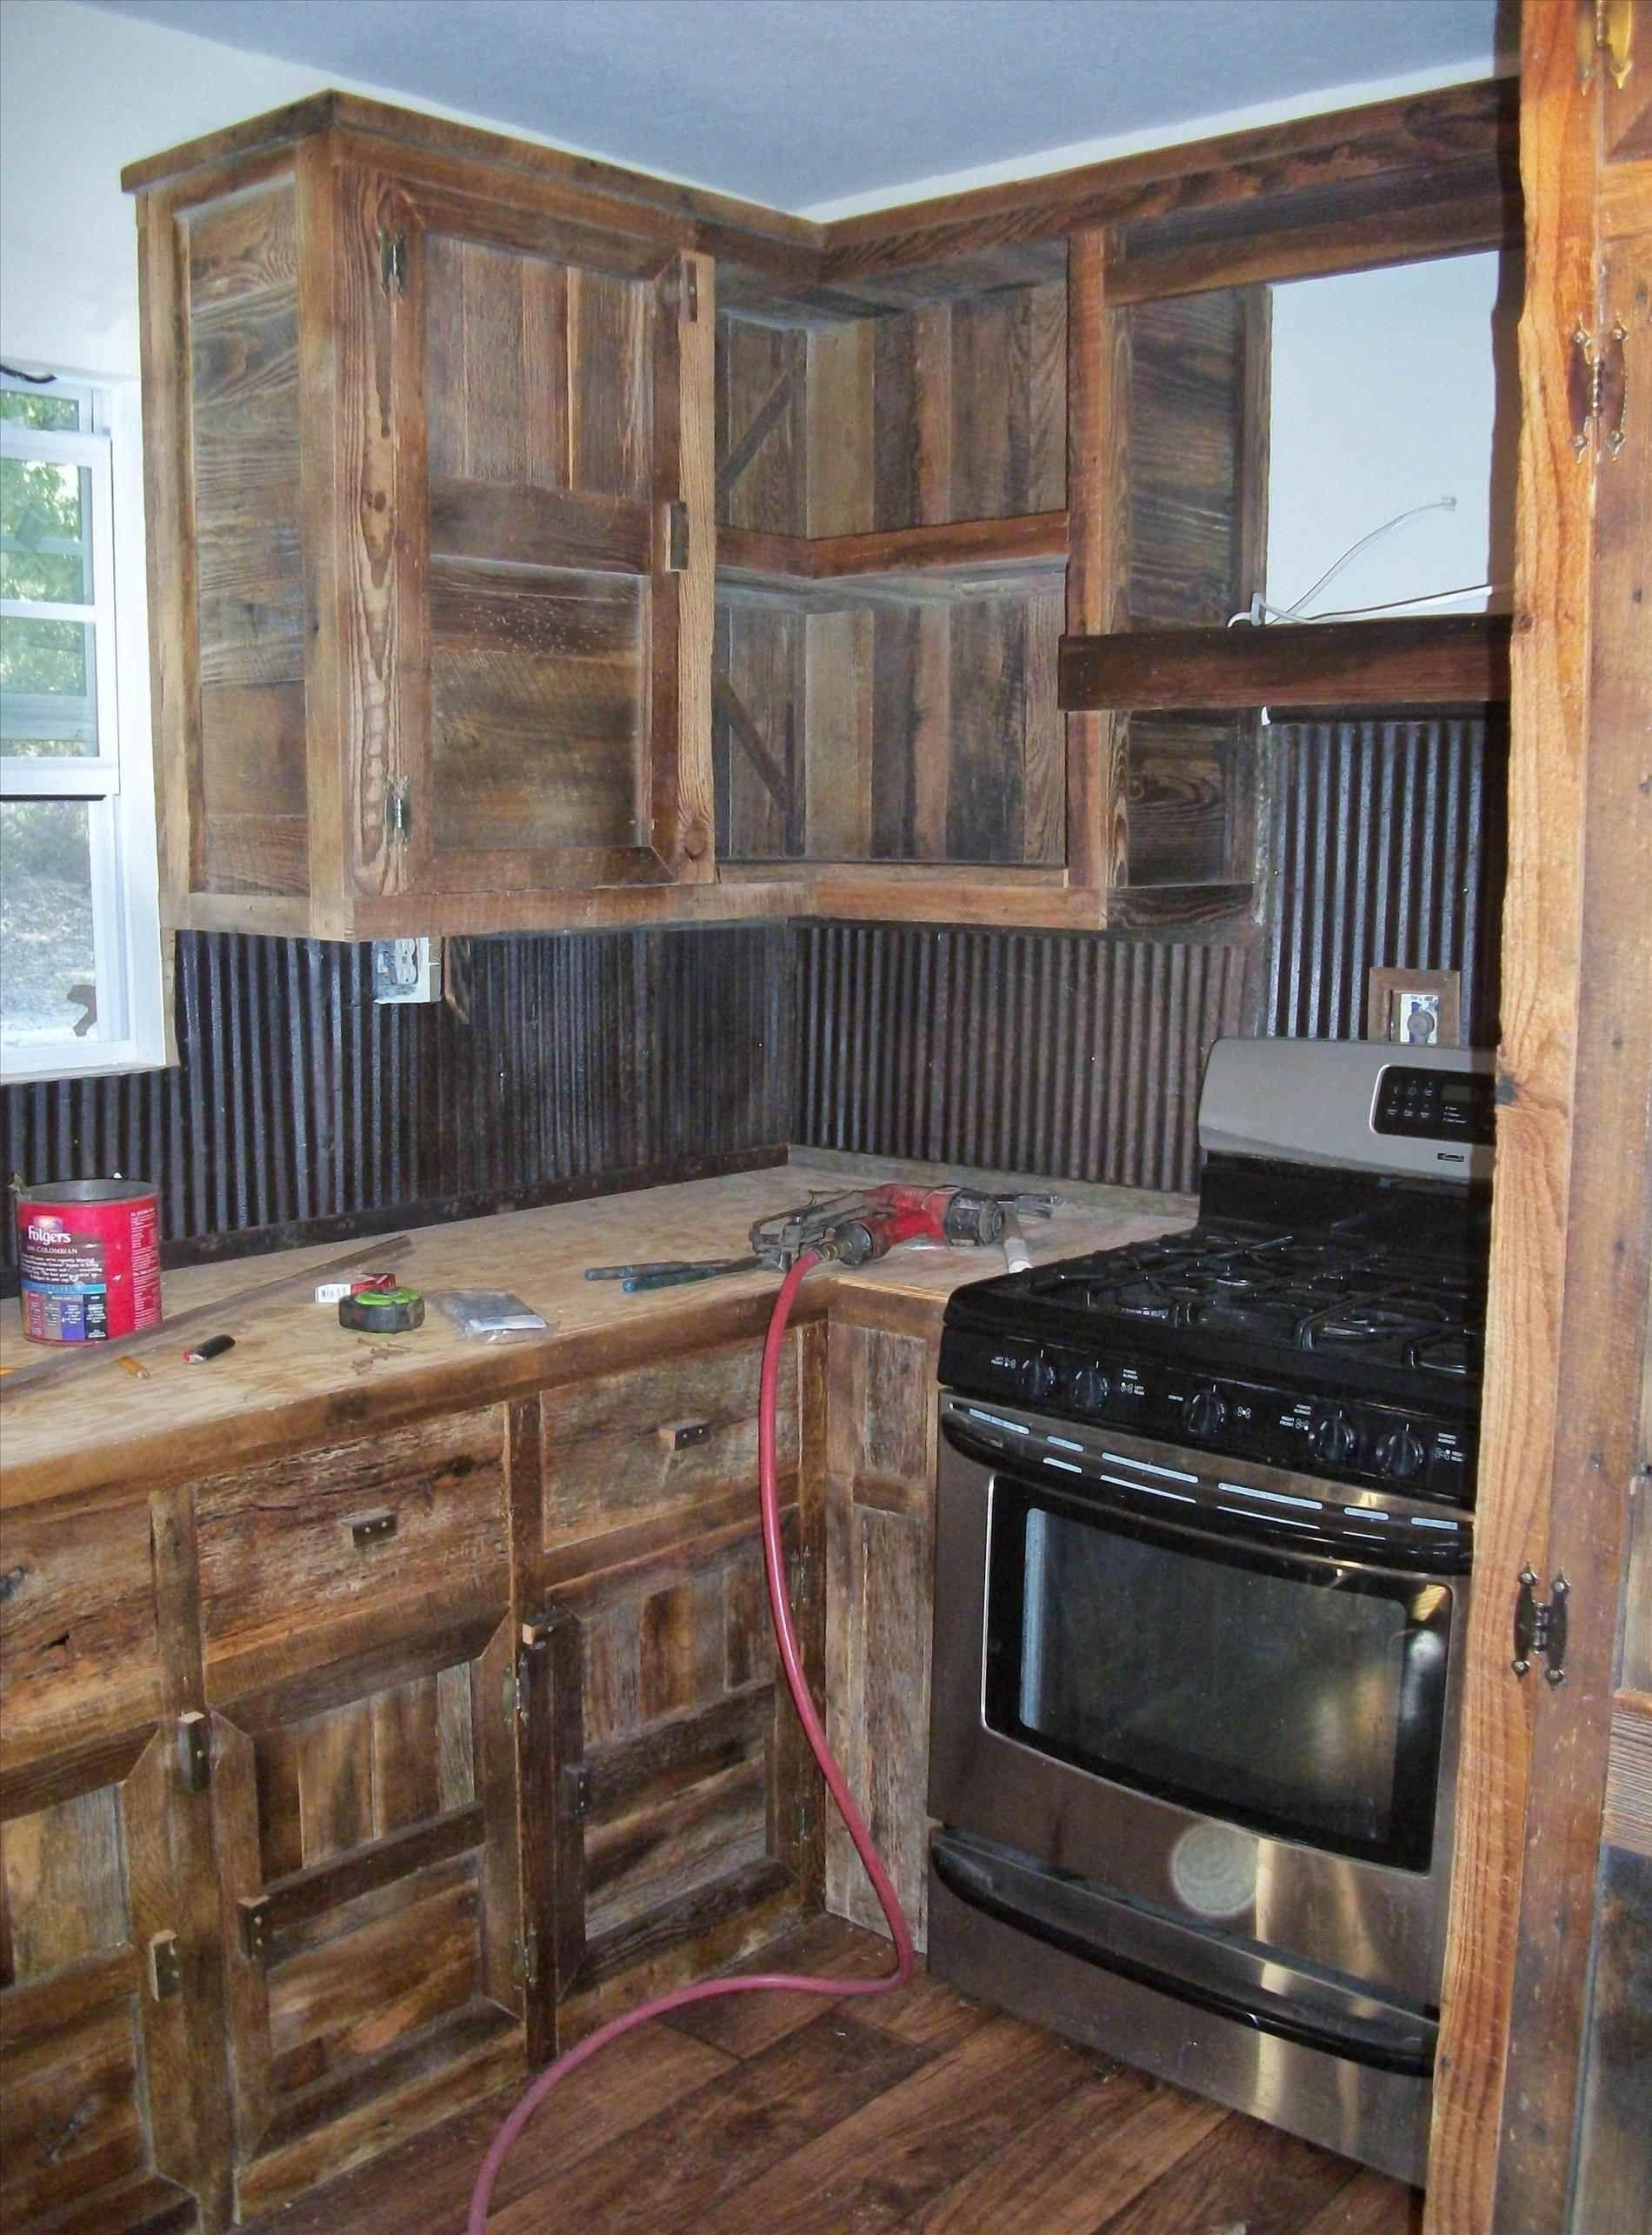 Reit Cabinet Hardware Self Expression Gefunden Werden Kann Wohin Man Schaut Von Ihrer Frisur Ihr Rustic Kitchen Cabinets Rustic Kitchen Barn Wood Cabinets